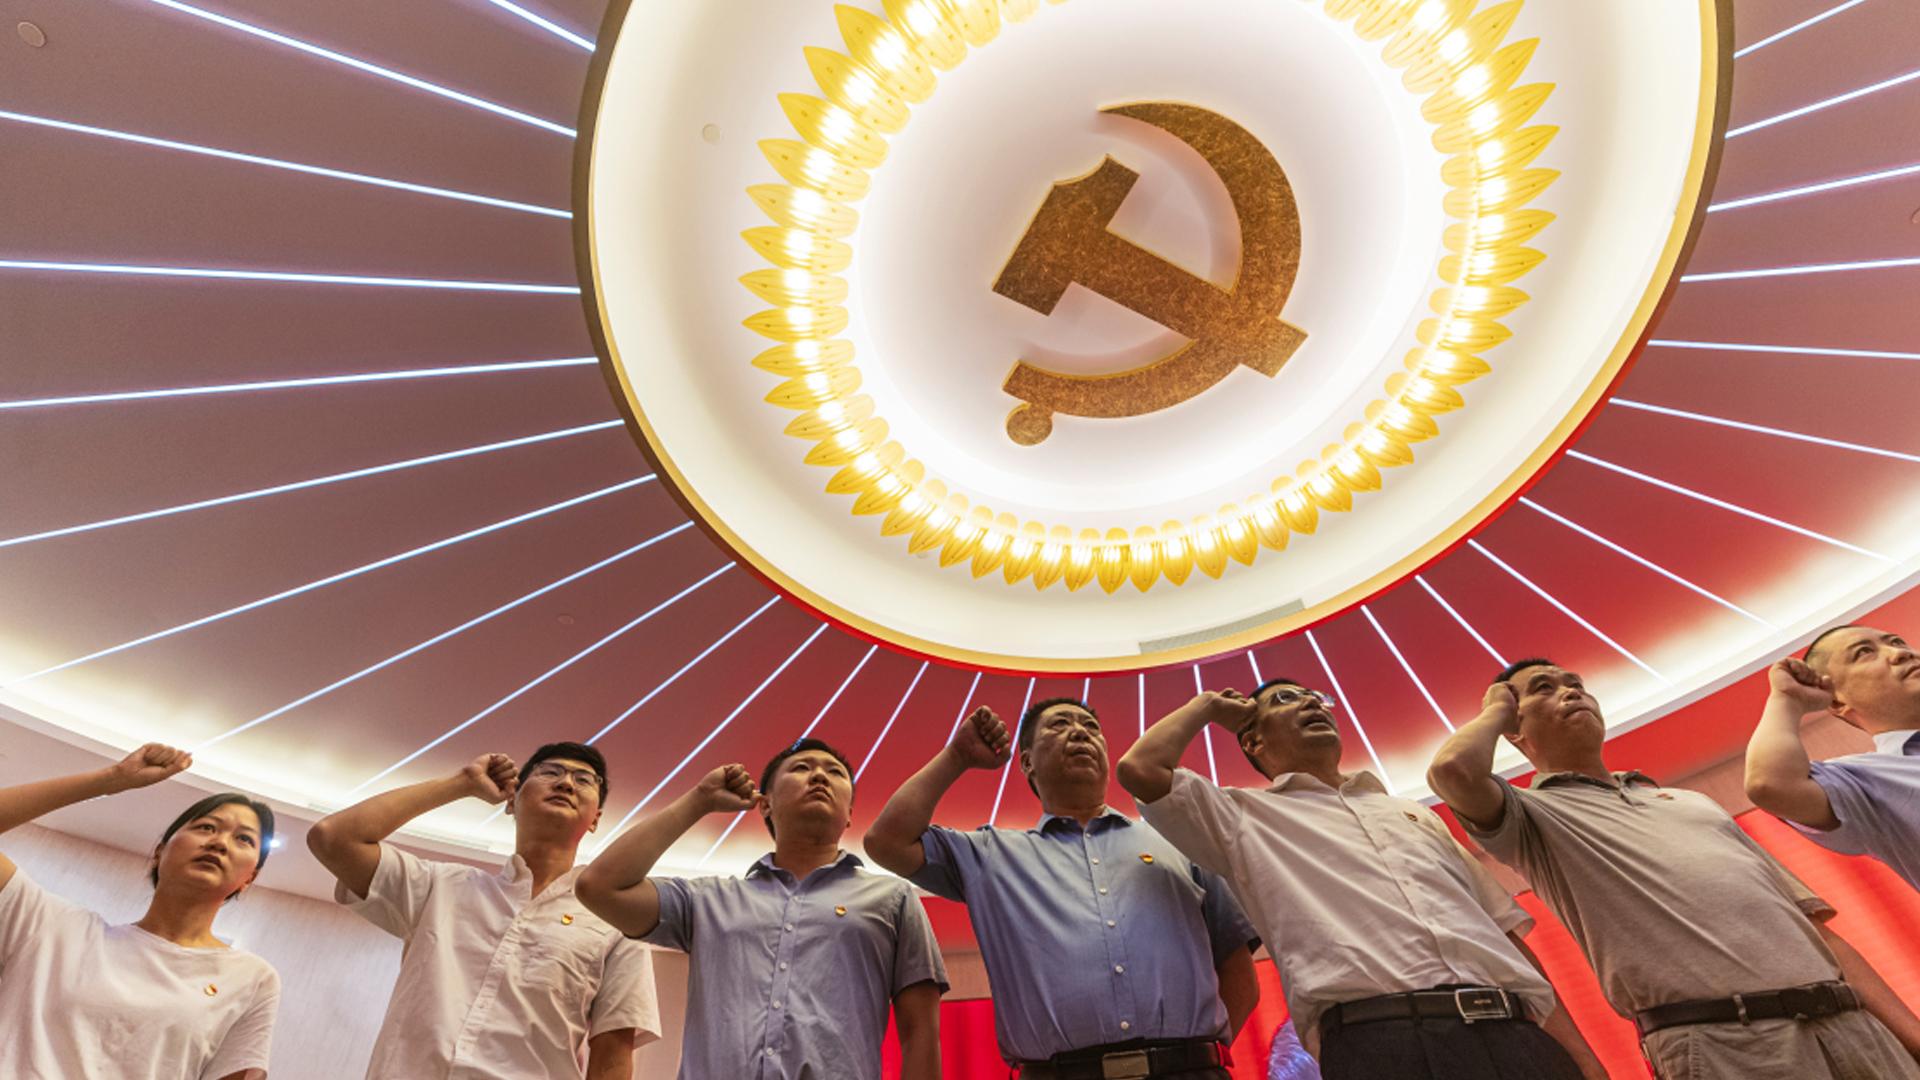 De ayer a hoy: a finales de la década del 70, las autoridades realizaron reformas económicas, tras el fracaso de las políticas colectivistas de la etapa de Mao. Foto: Archivo DEF.